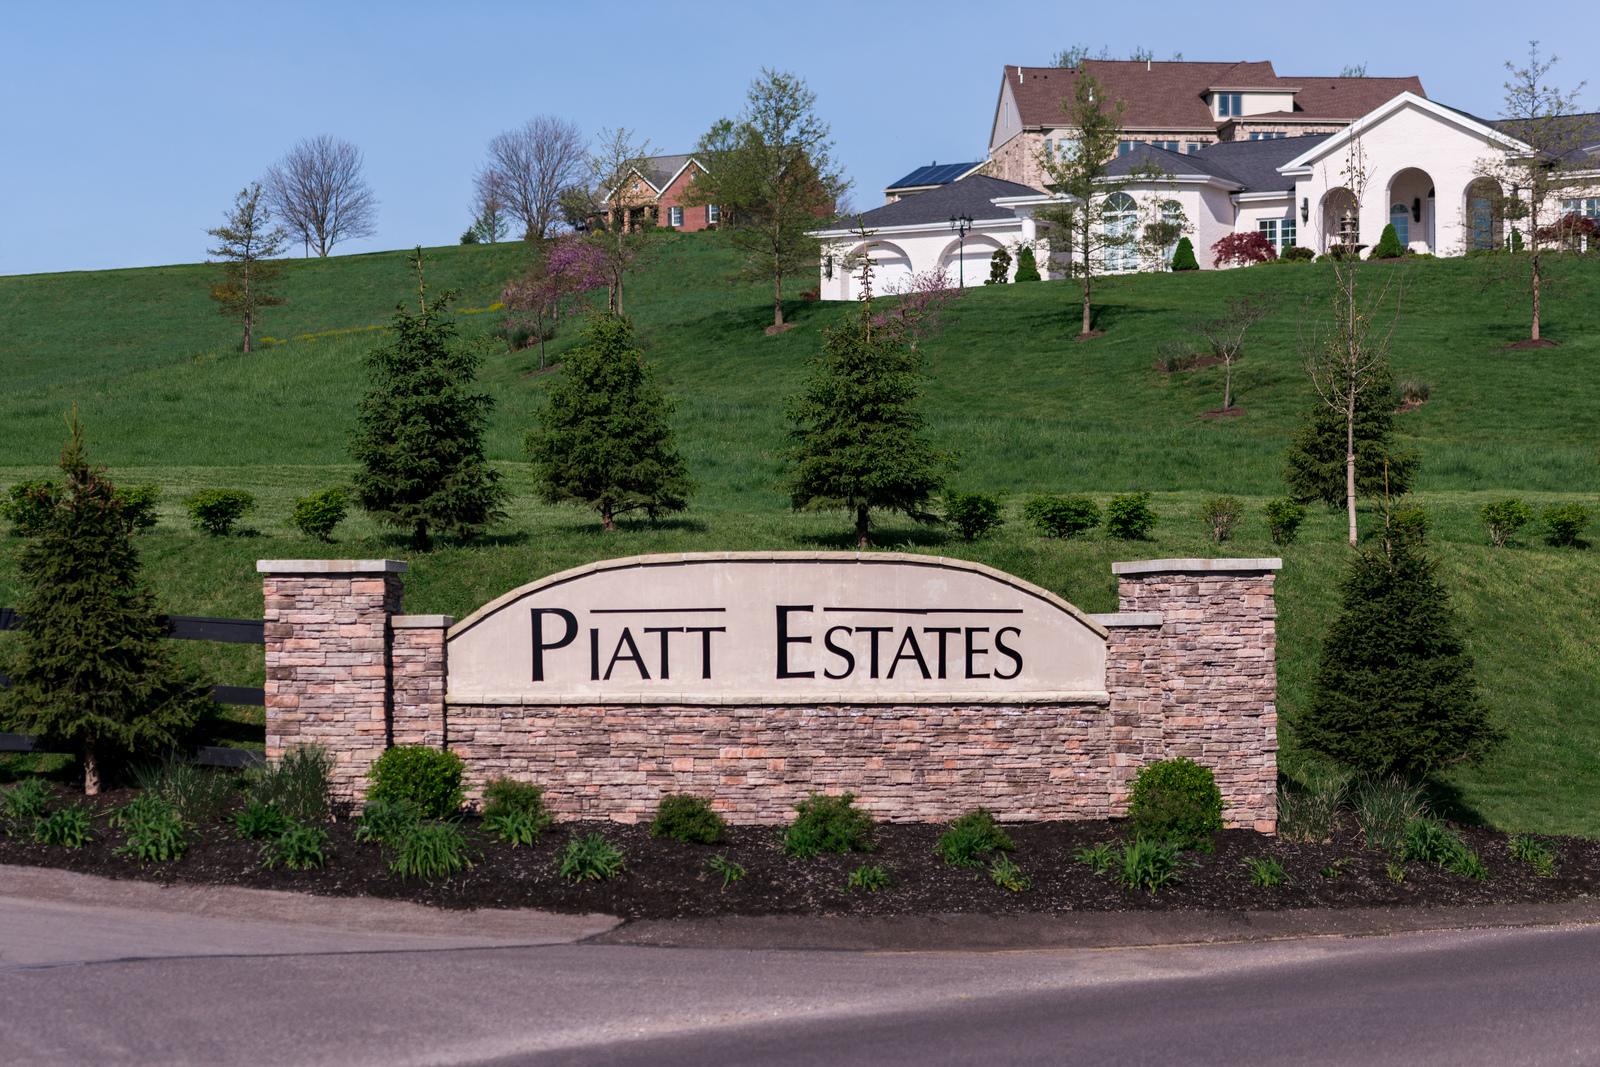 Piatt Estates